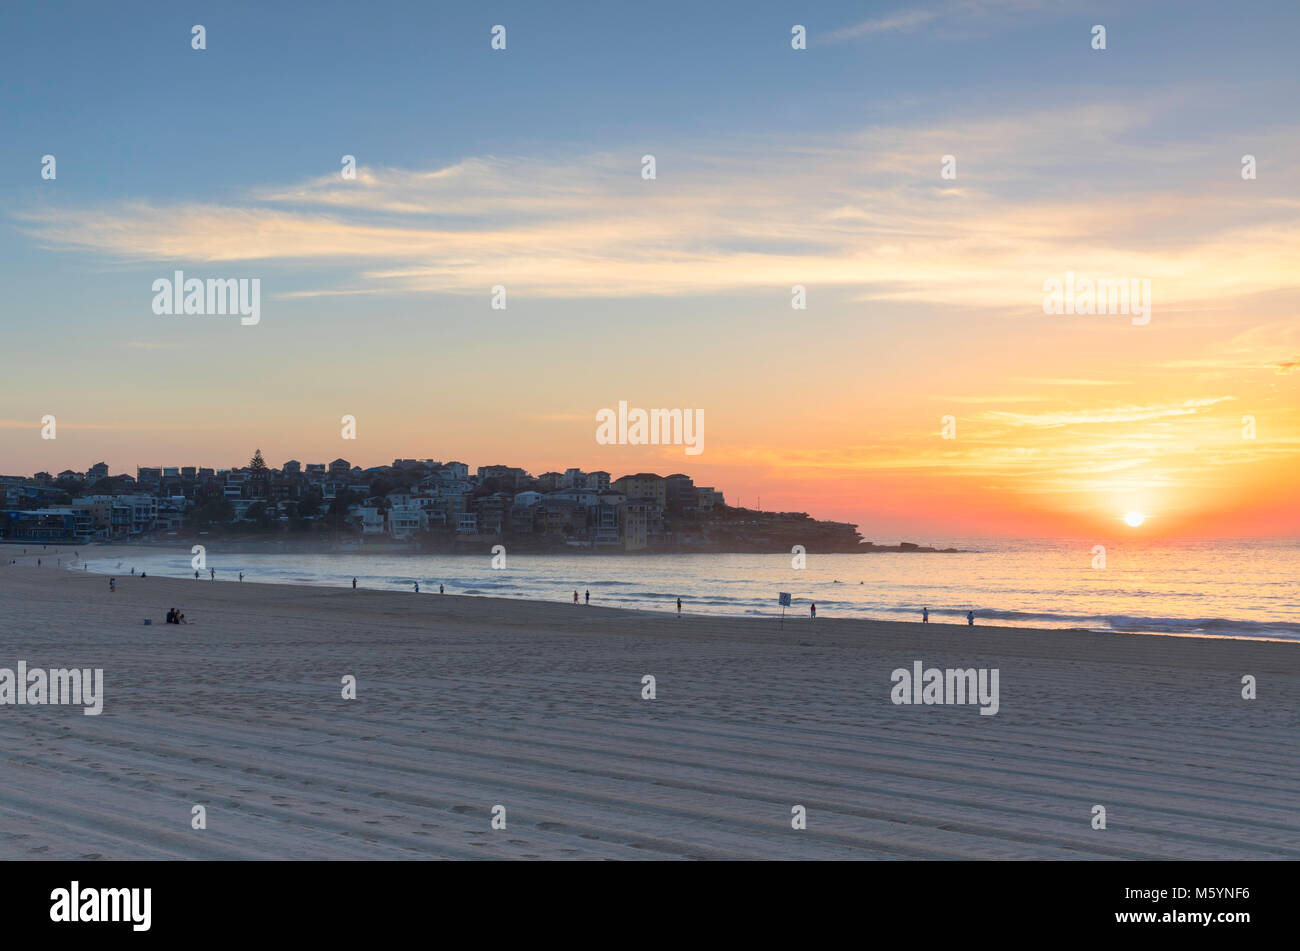 La spiaggia di Bondi a sunrise, Sydney, Nuovo Galles del Sud, Australia Immagini Stock